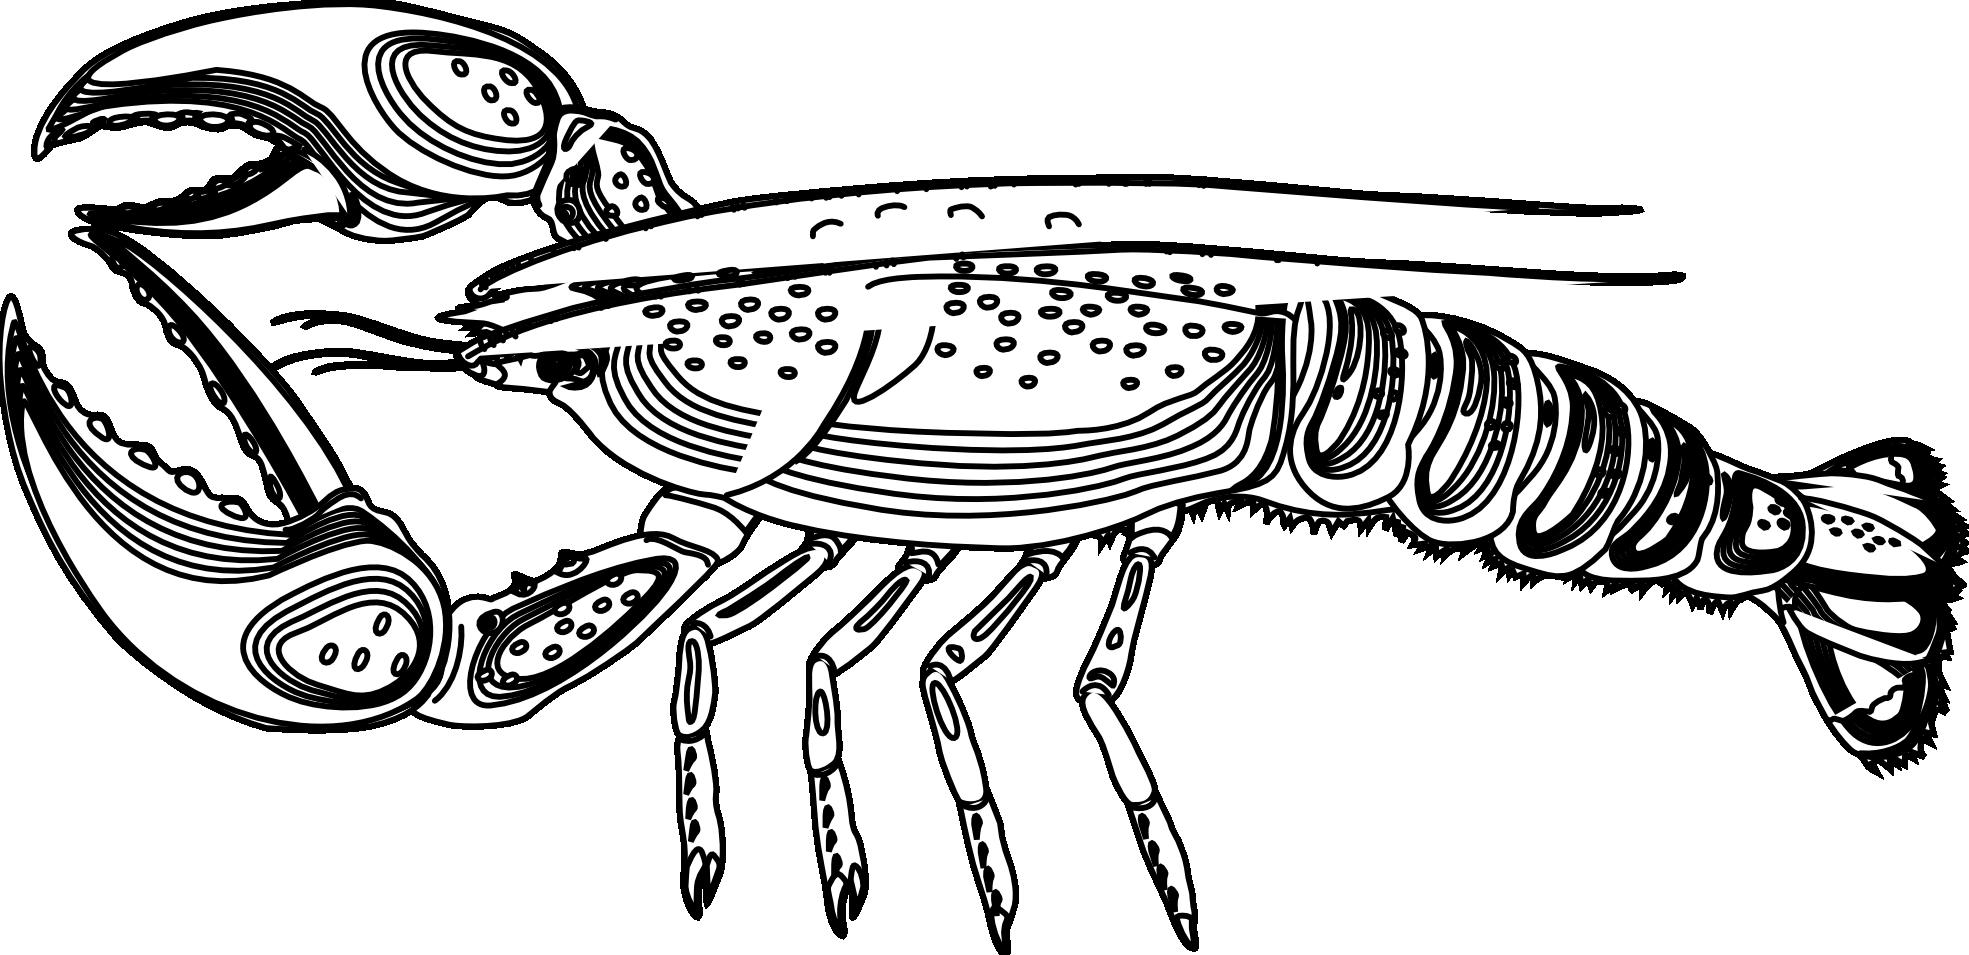 . PlusPng.com Artfavor Lobster Black Coloring Book 1969px.png 410(K) - Lobster PNG Black And White